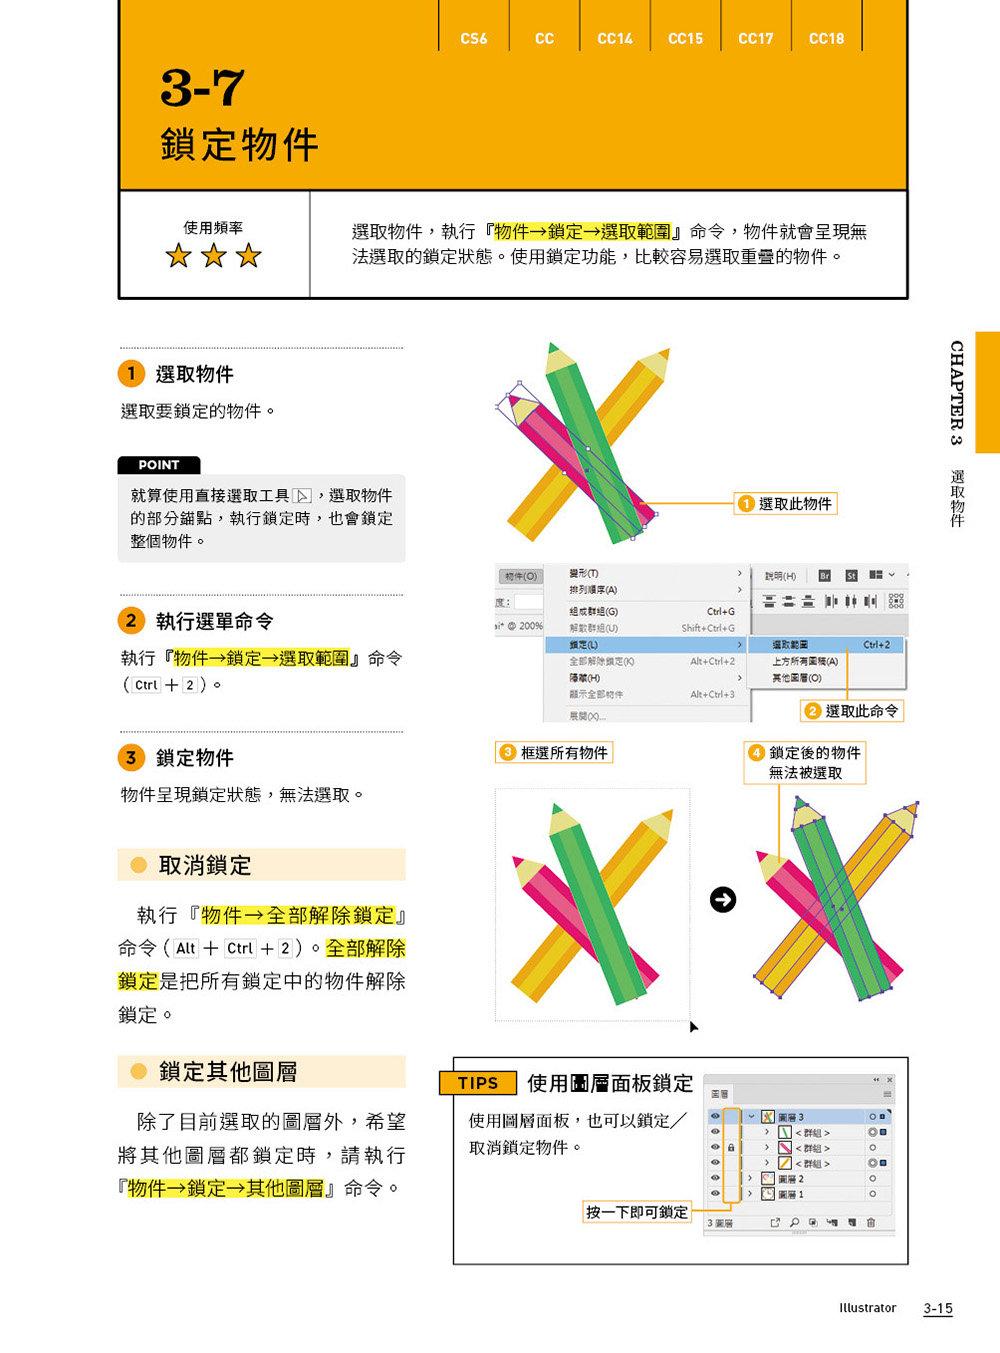 自學必備!Illustrator 超級參考手冊:零基礎也能看得懂、學得會-preview-4